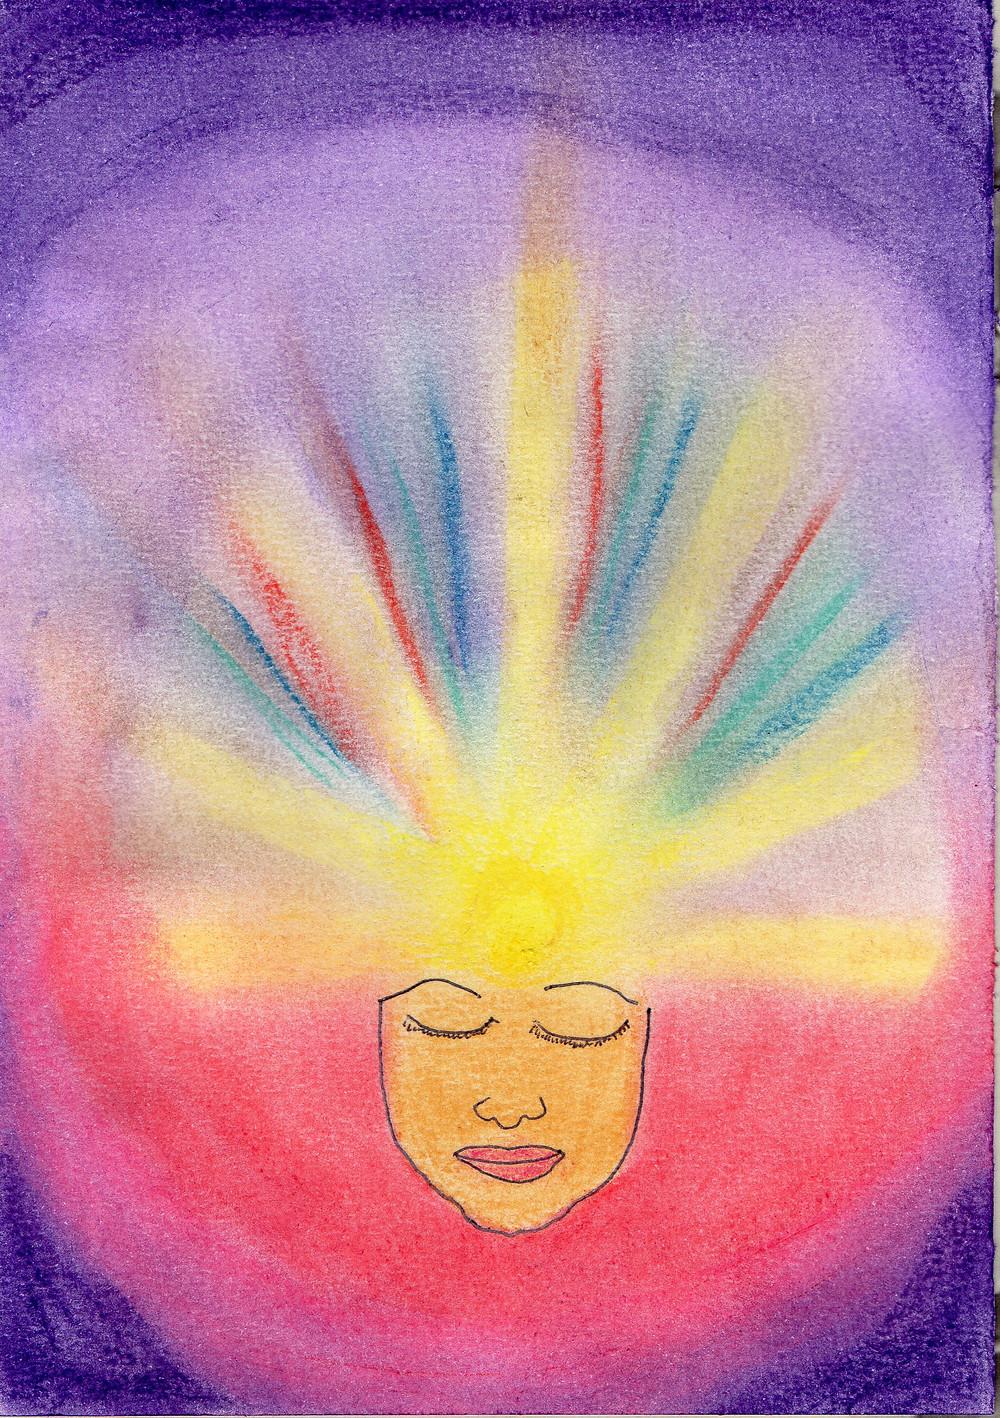 Uma face, na qual, do centro da testa, saem raios de luz, raios amarelos, verdes, e azuis. O fundo da imagem tem a borda violeta e a parte inferior rosa. As cores se fundem como energias.(desenho em pastel seco)